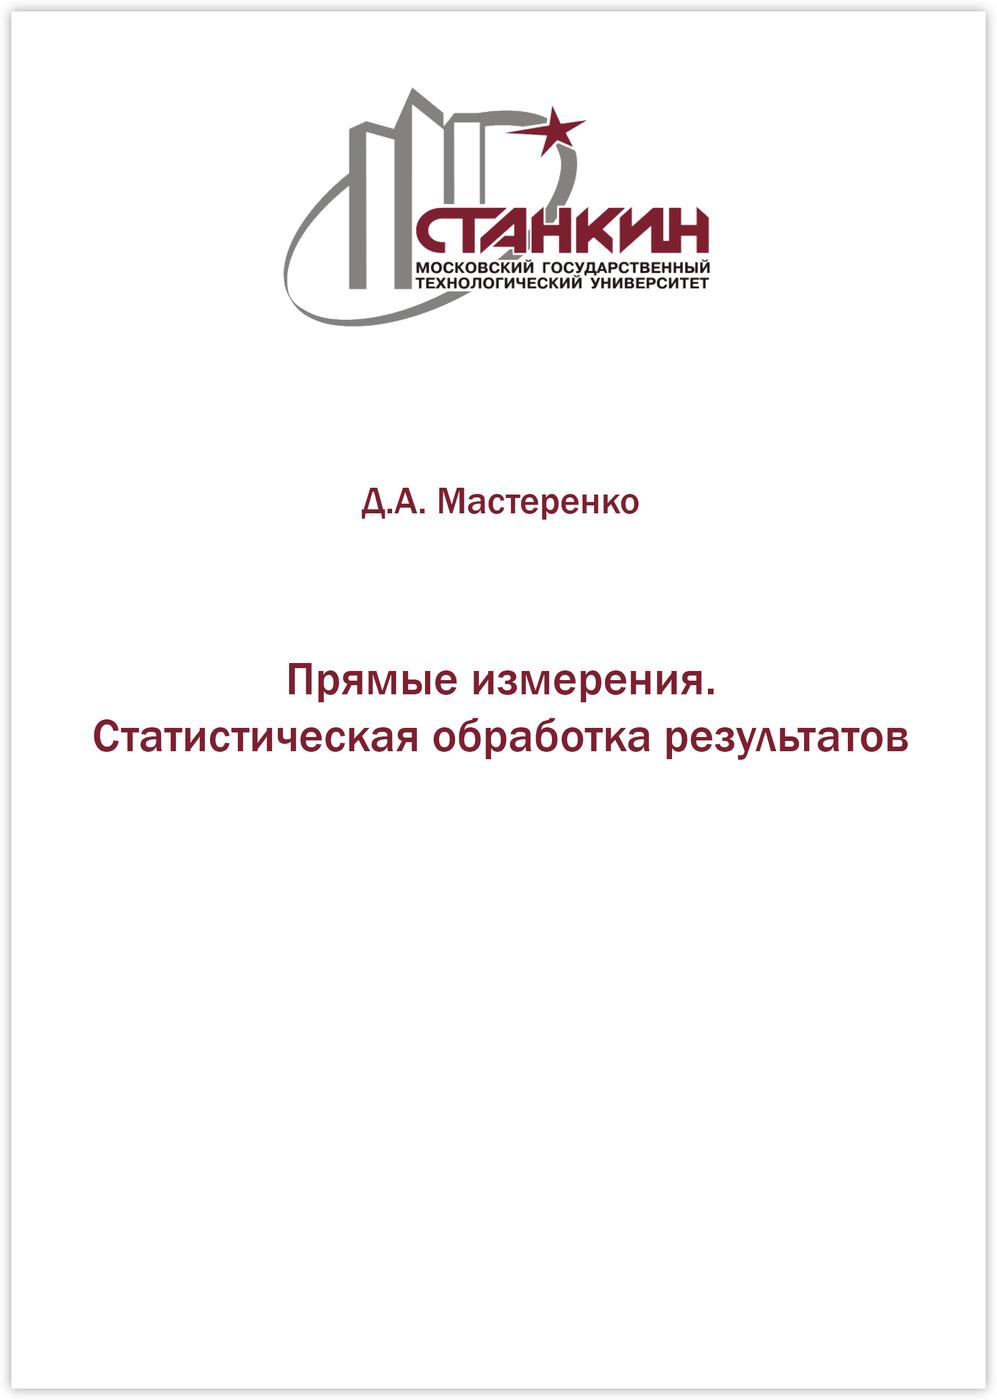 Дмитрий Мастеренко. Прямые измерения. Статистическая обработка результатов